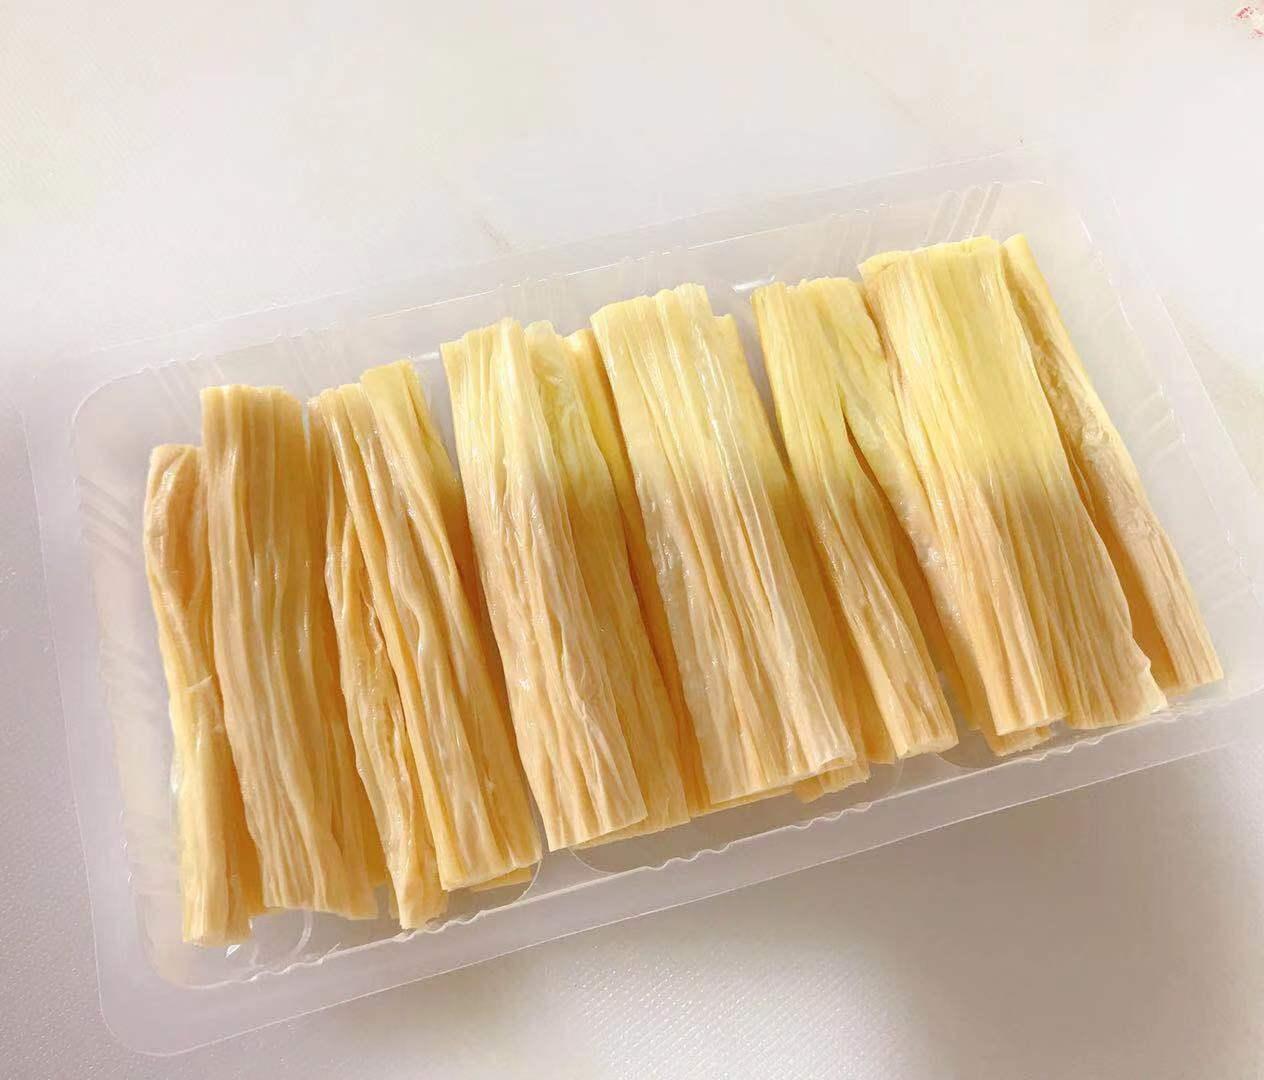 山东鲜腐竹供应|泰安鲜腐竹批发